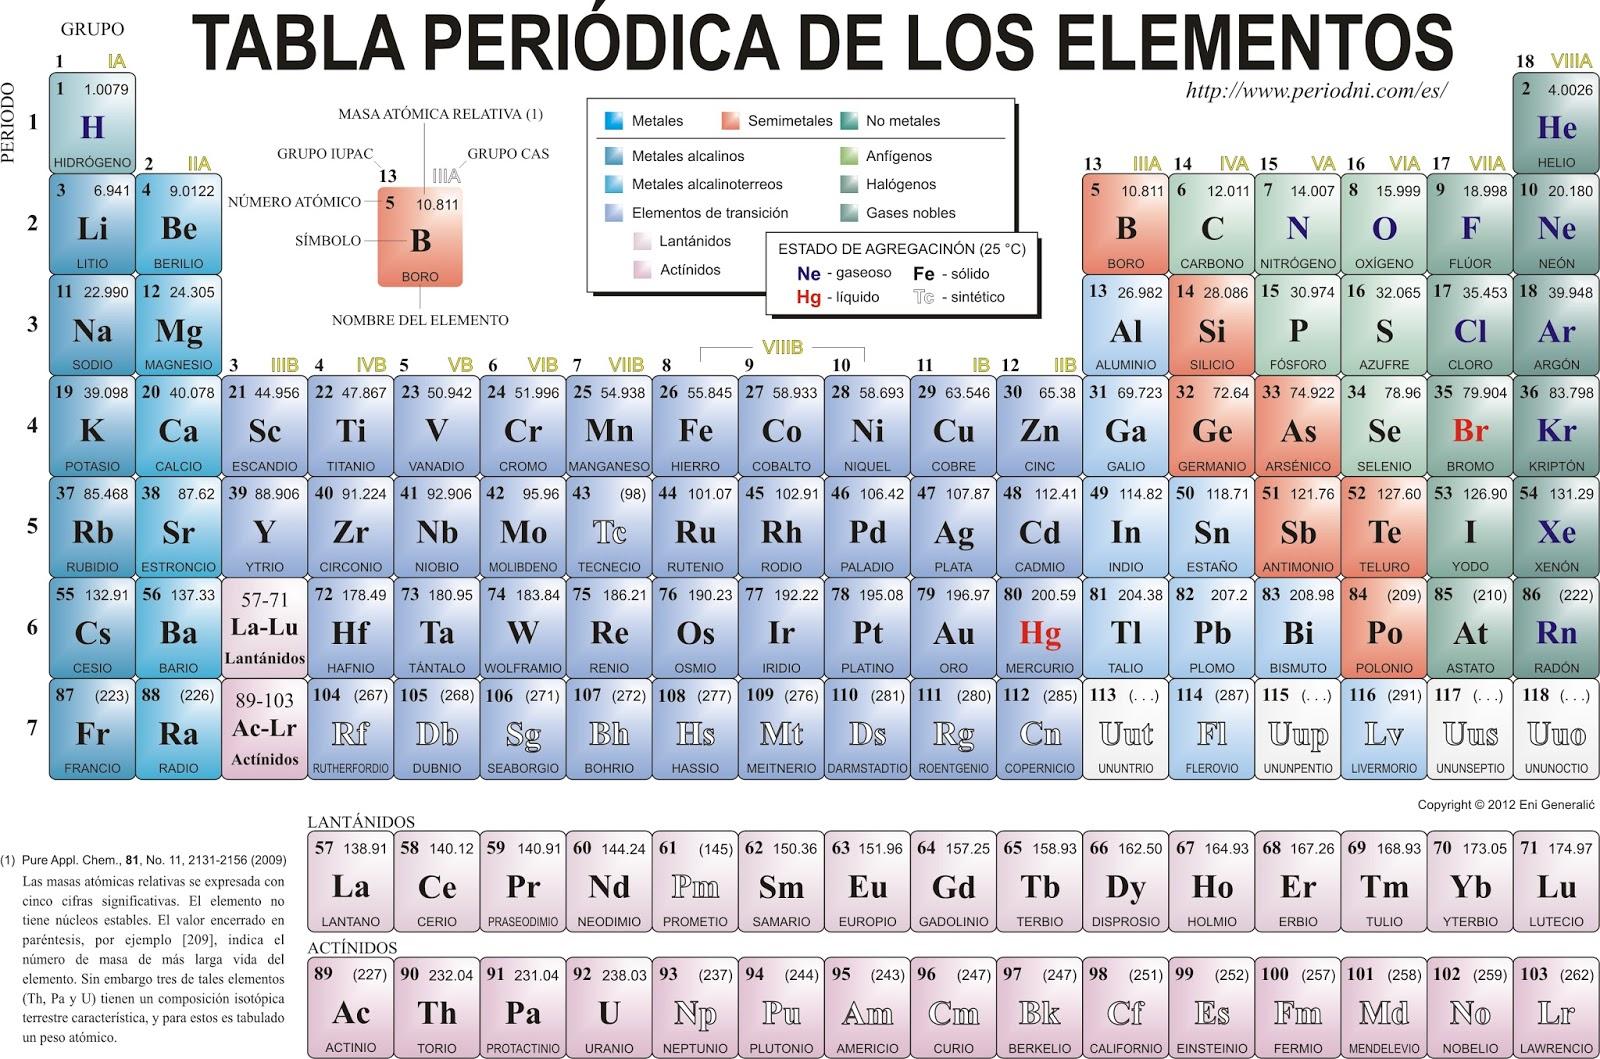 puedes descargarte esta entrada en word pinchando aqu - Tabla Periodica De Los Elementos H2o